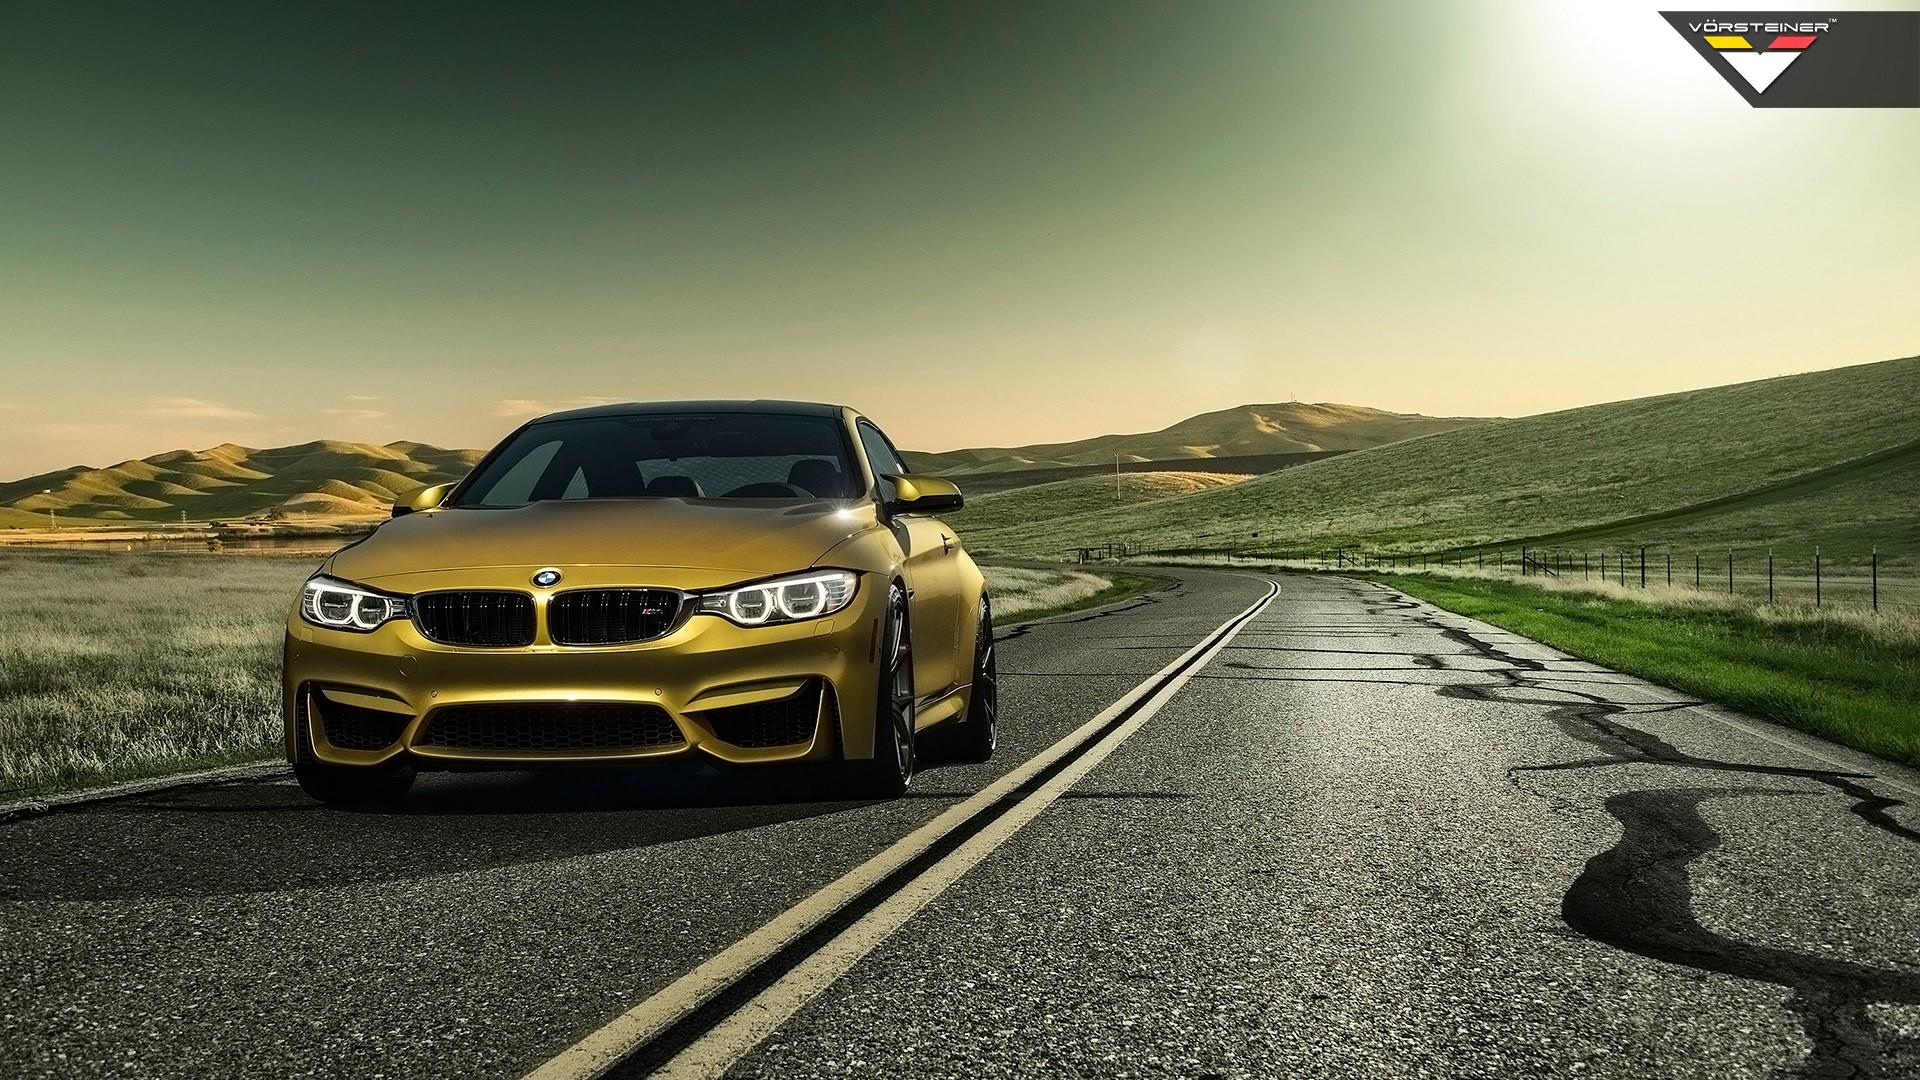 Die standardsoftware auf ihrem fahrzeug wird oft abgeschwächt und reguliert. 2014 Vorsteiner BMW M4 Austin Yellow Wallpaper   HD Car